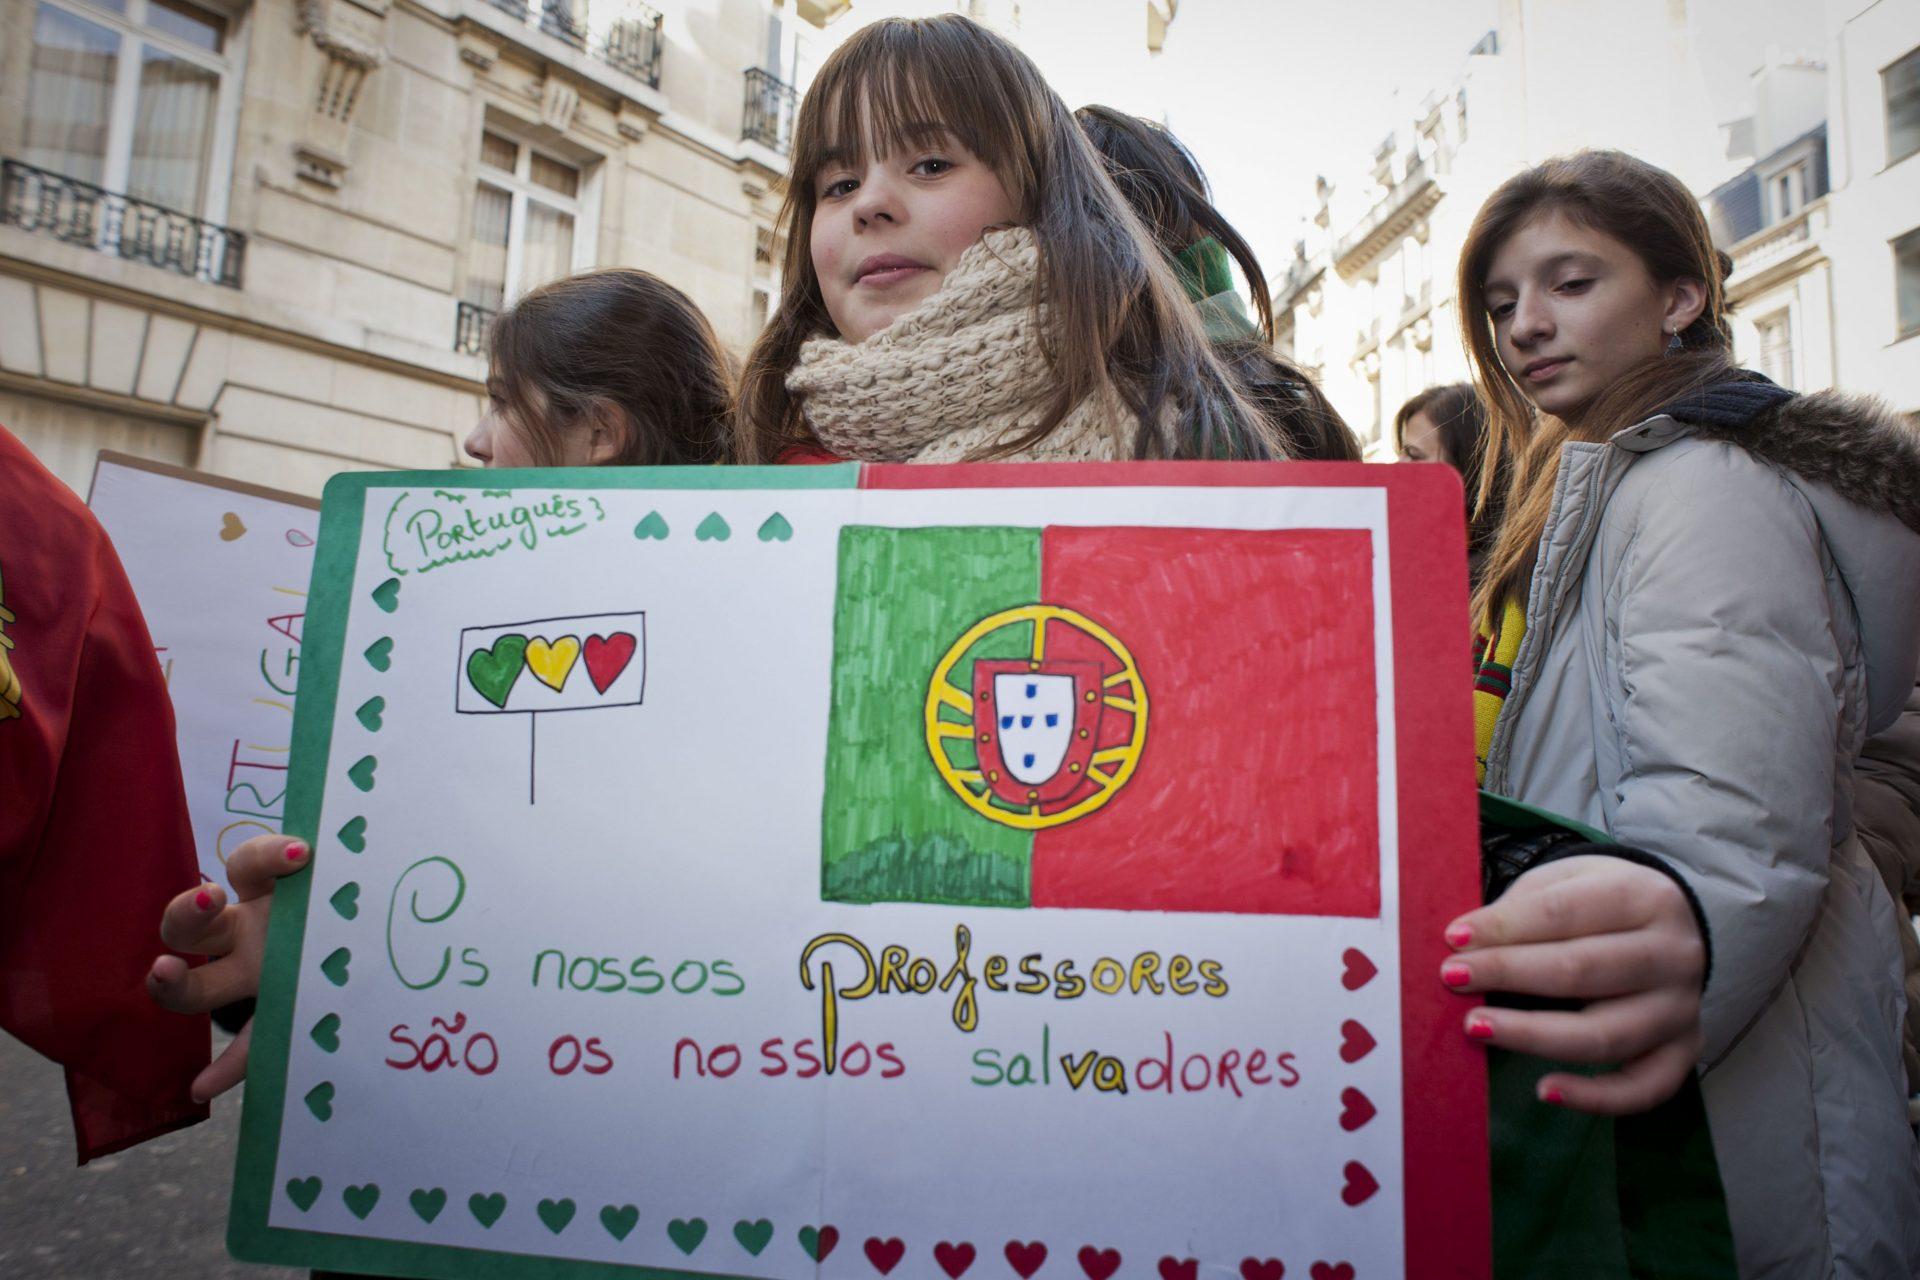 Ensino Português para lusodescendentes: entre a aberração e a exclusão